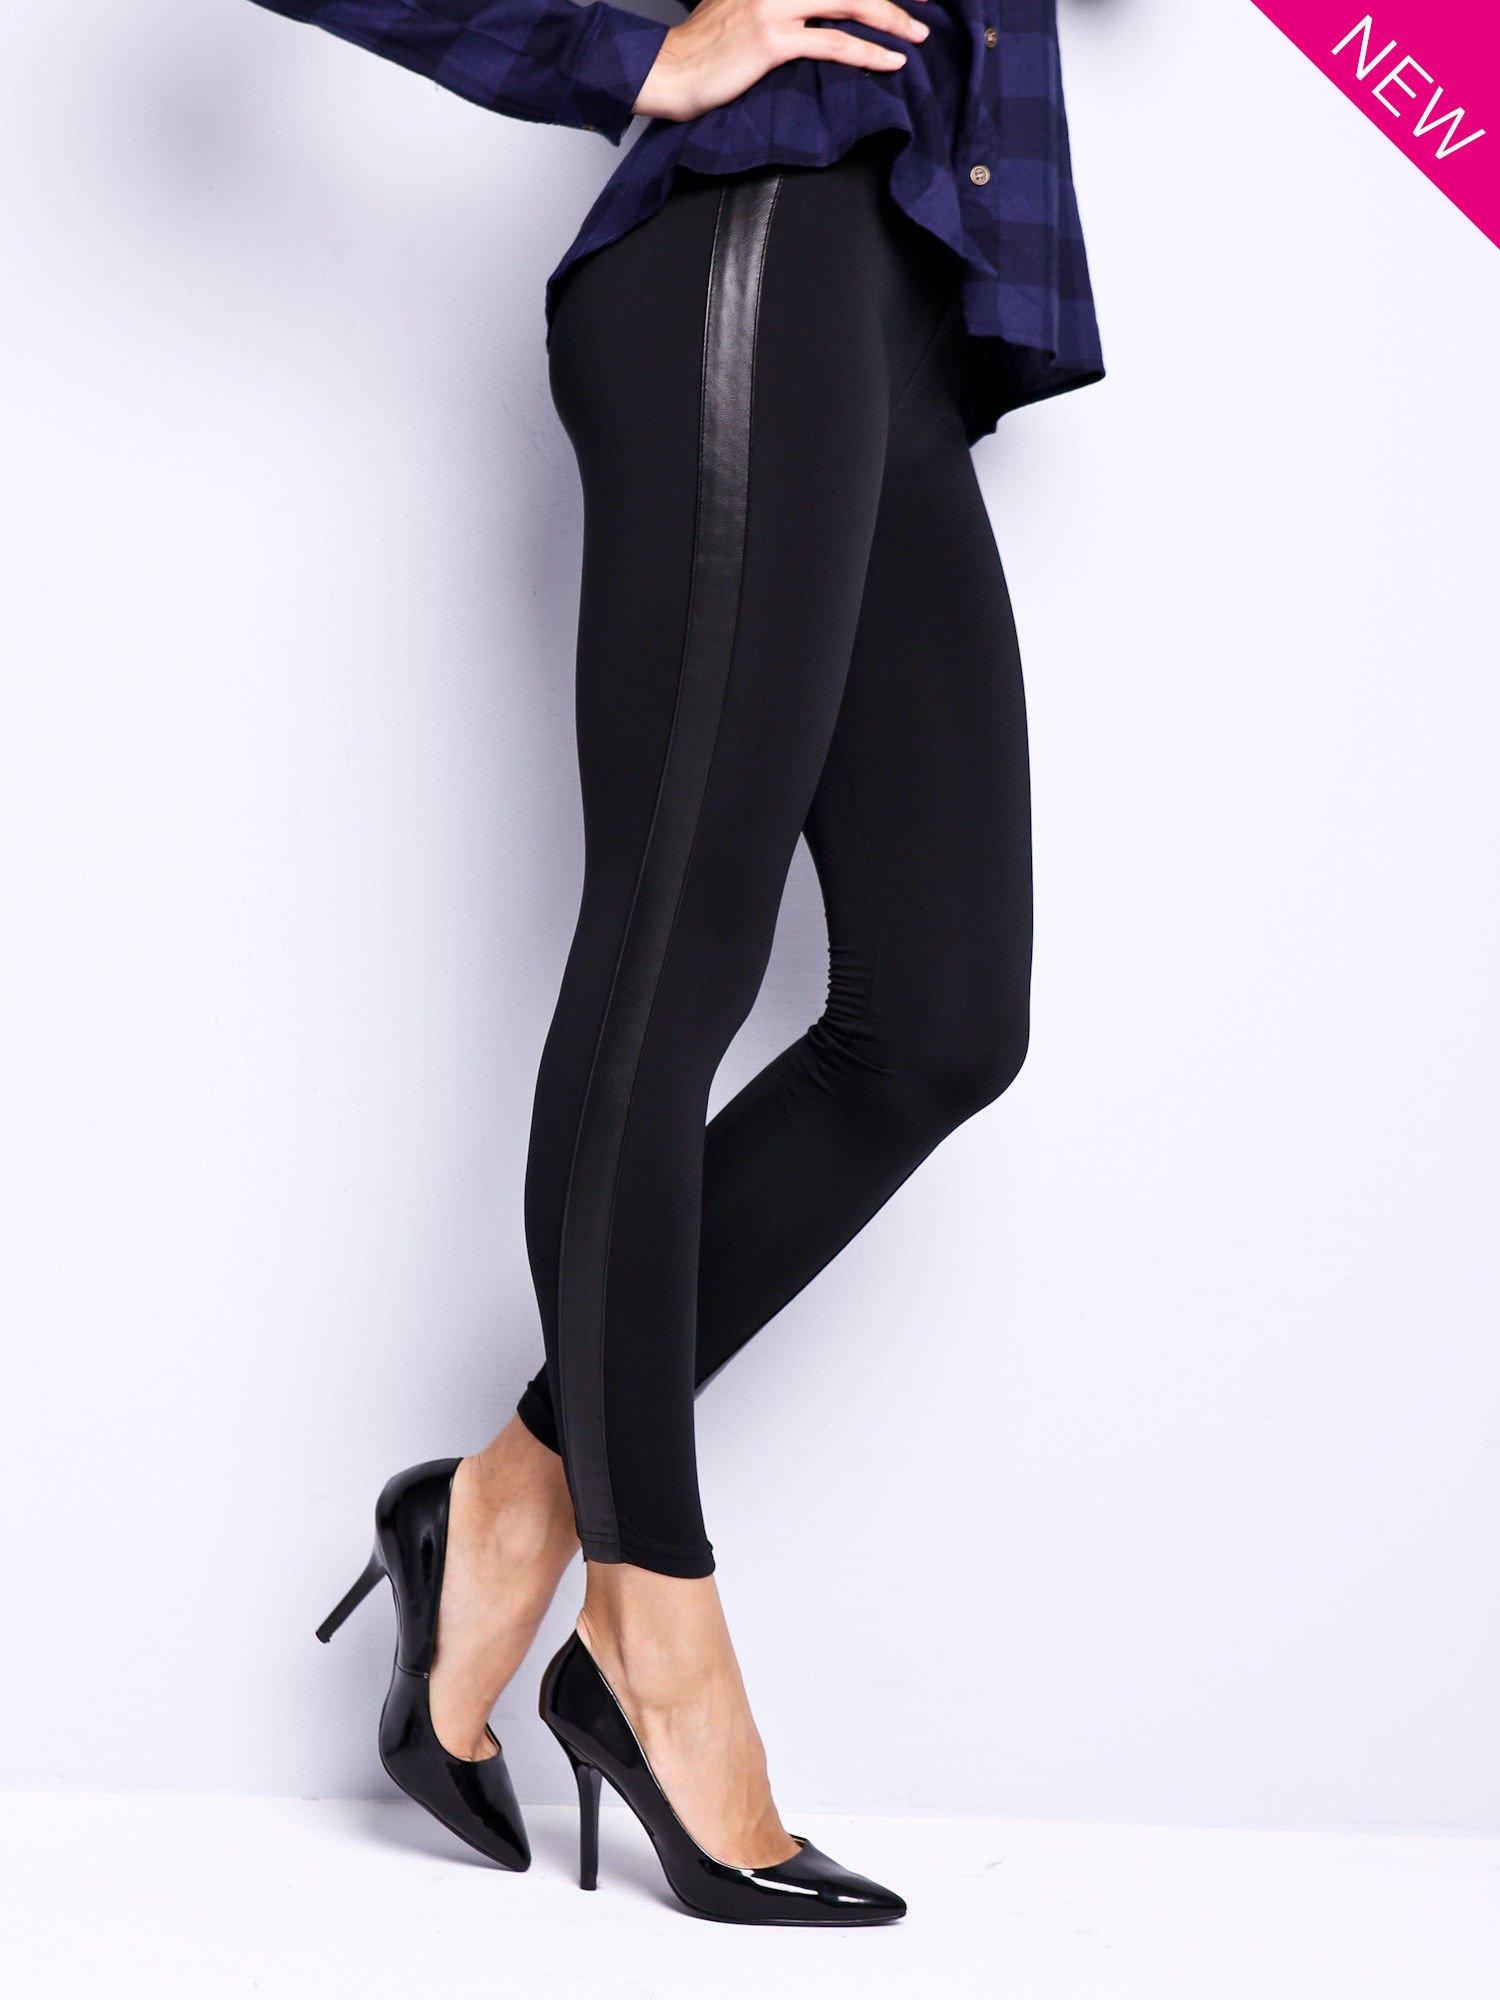 Czarne legginsy ze skórzanymi wstawkami                                  zdj.                                  2